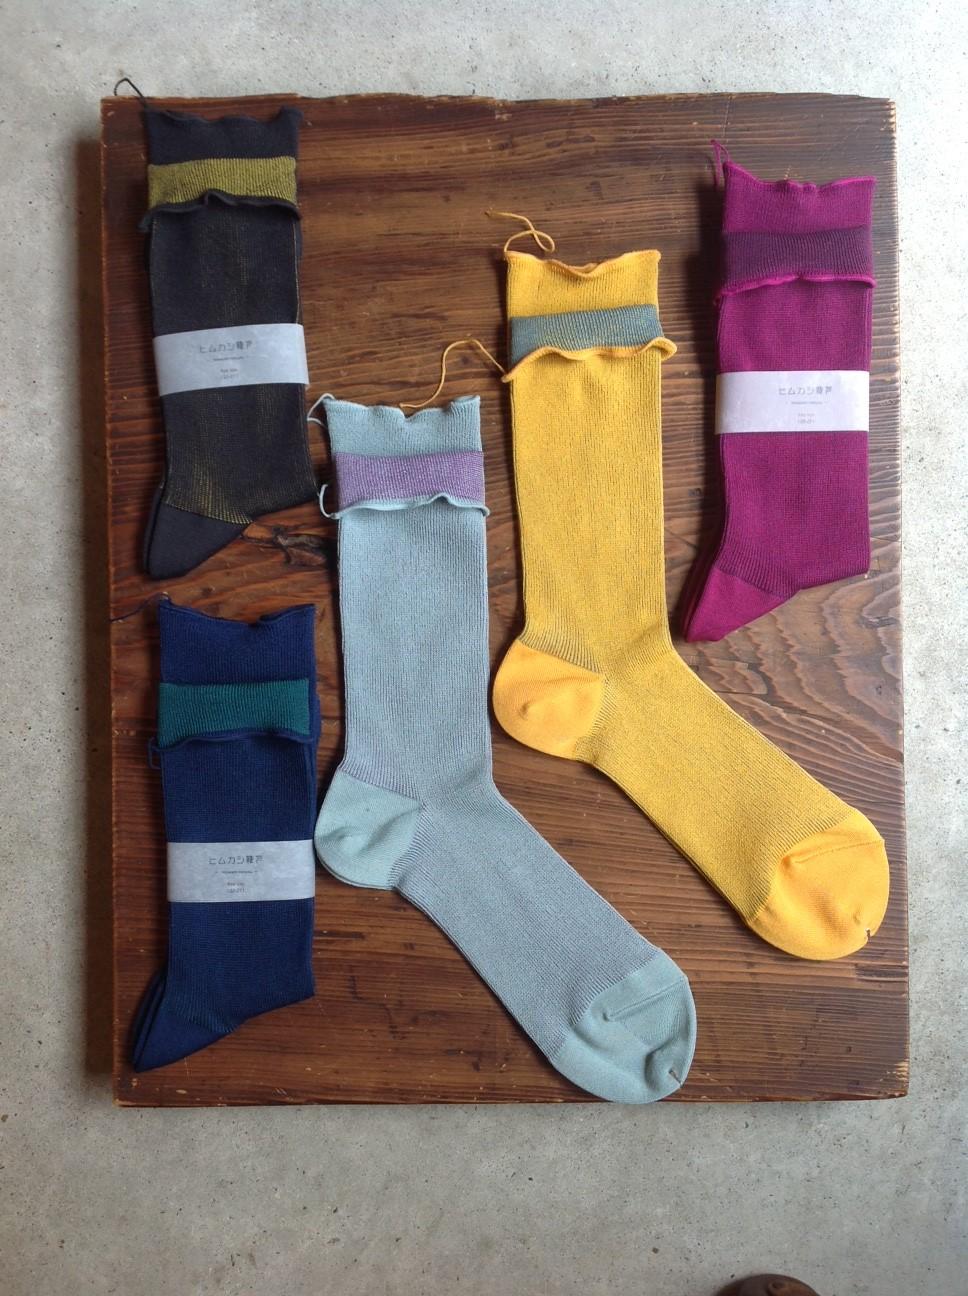 理想の靴下「ヒムカシ靴下」新色入荷しました。_e0248492_238417.jpg